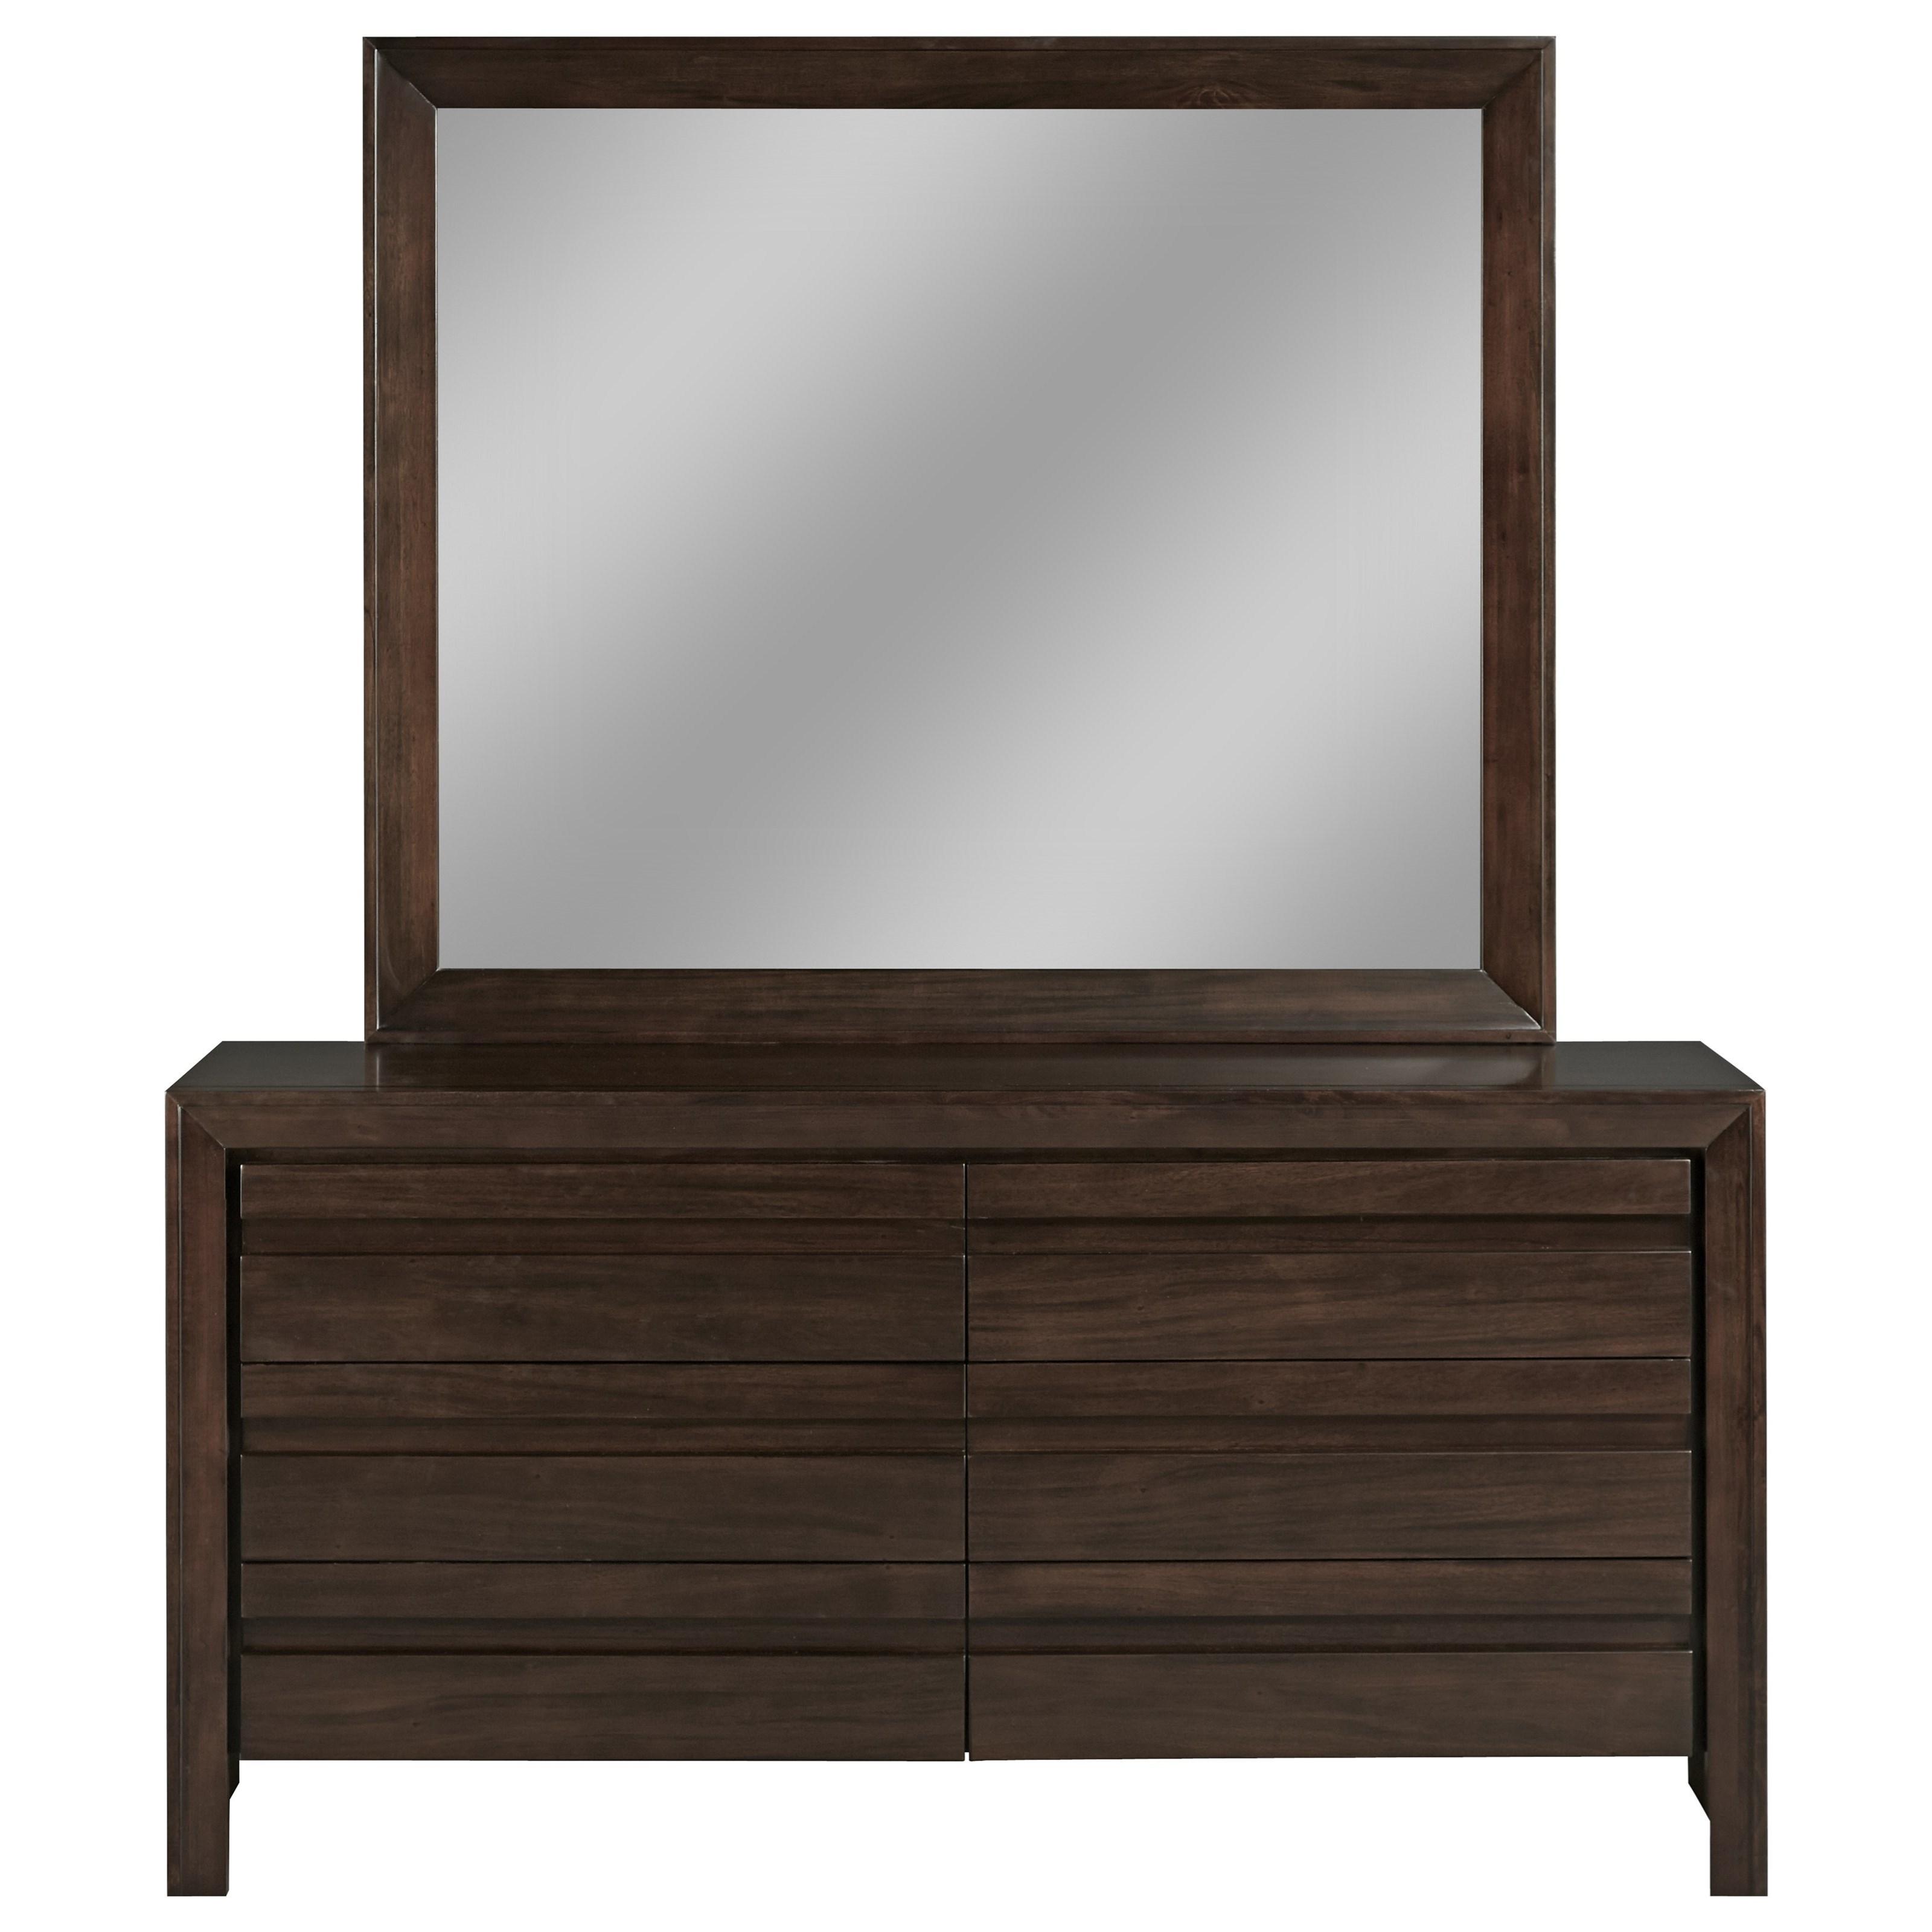 Element Dresser & Mirror by Modus International at HomeWorld Furniture